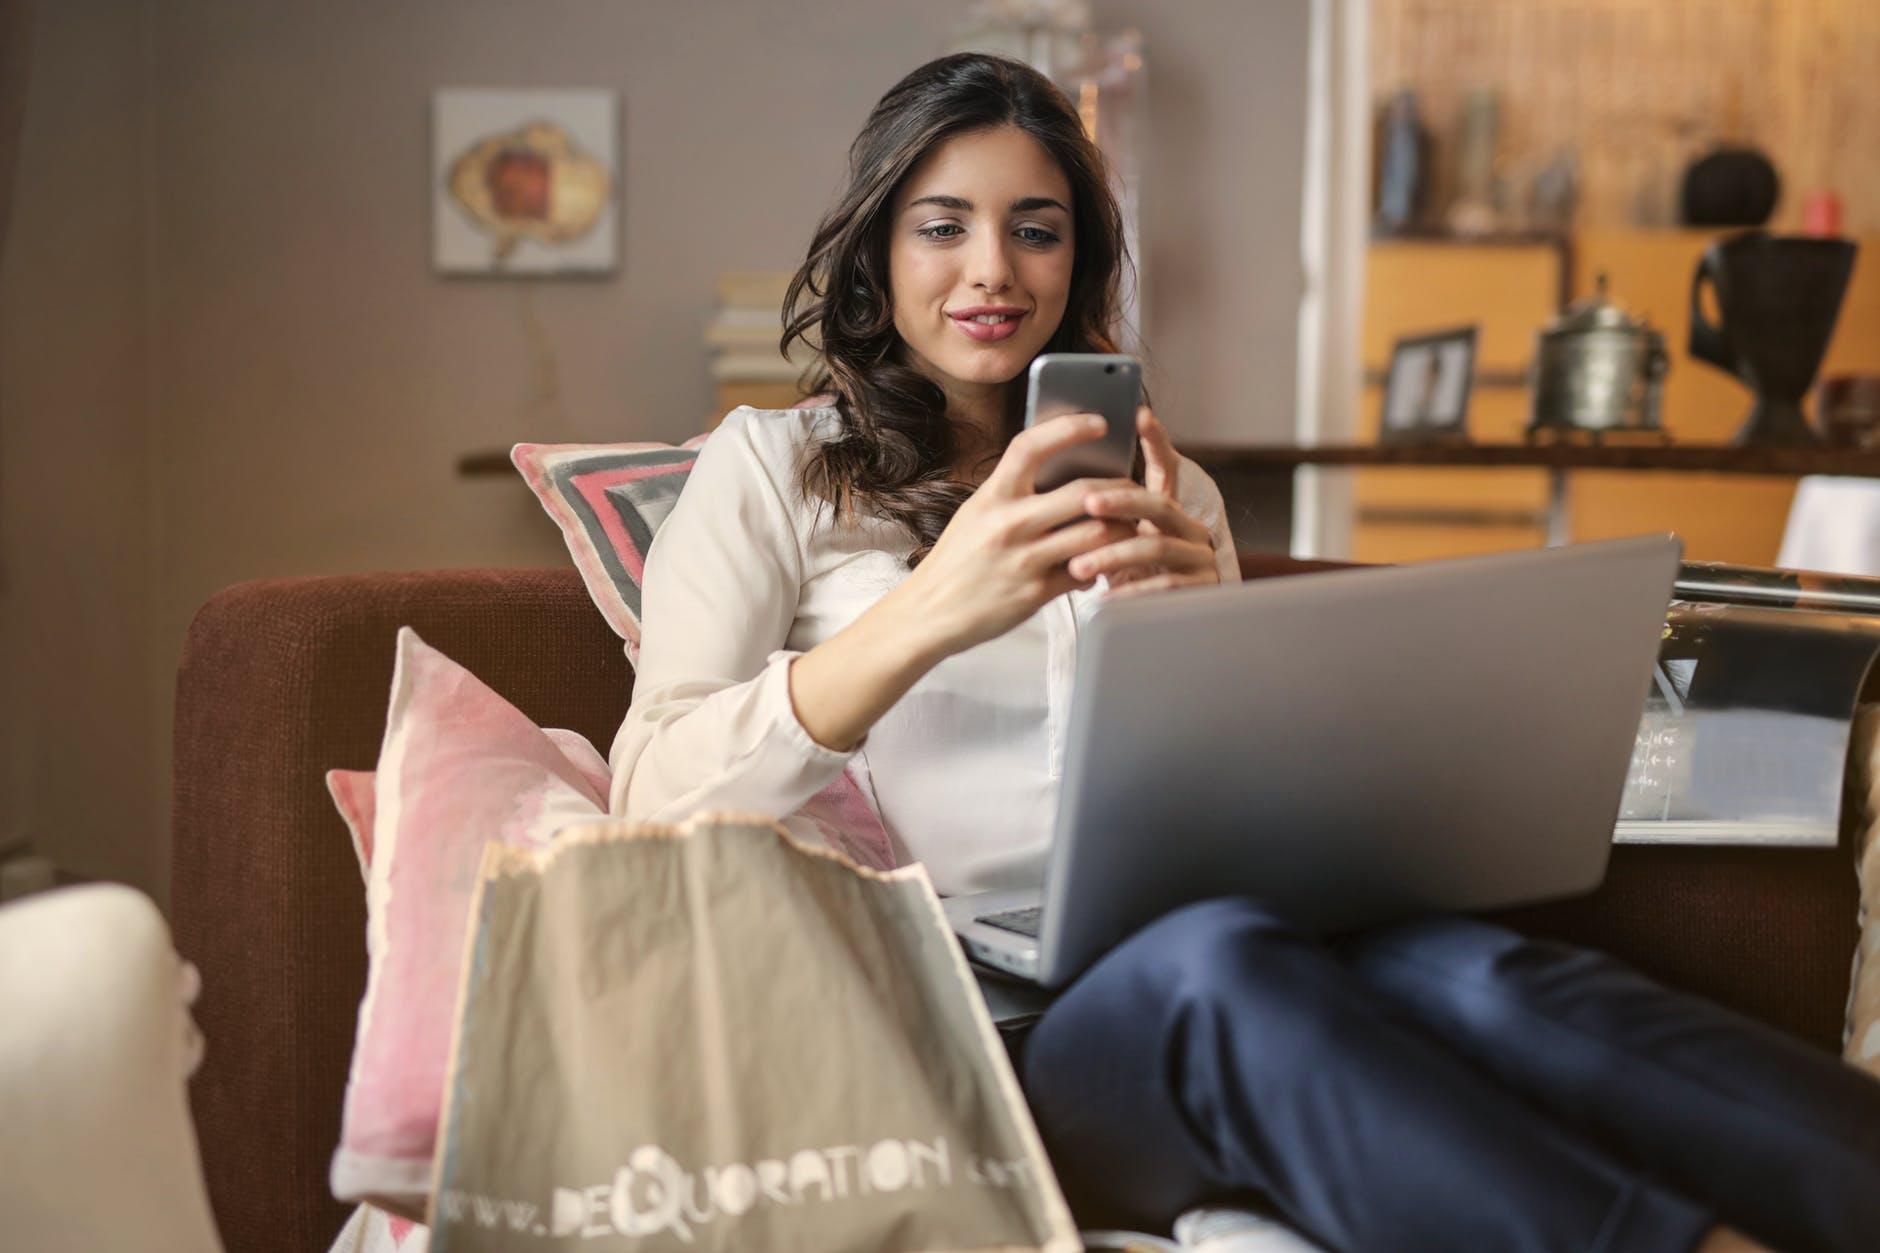 Рекламные видеоролики для смартфонов лидируют на рынке